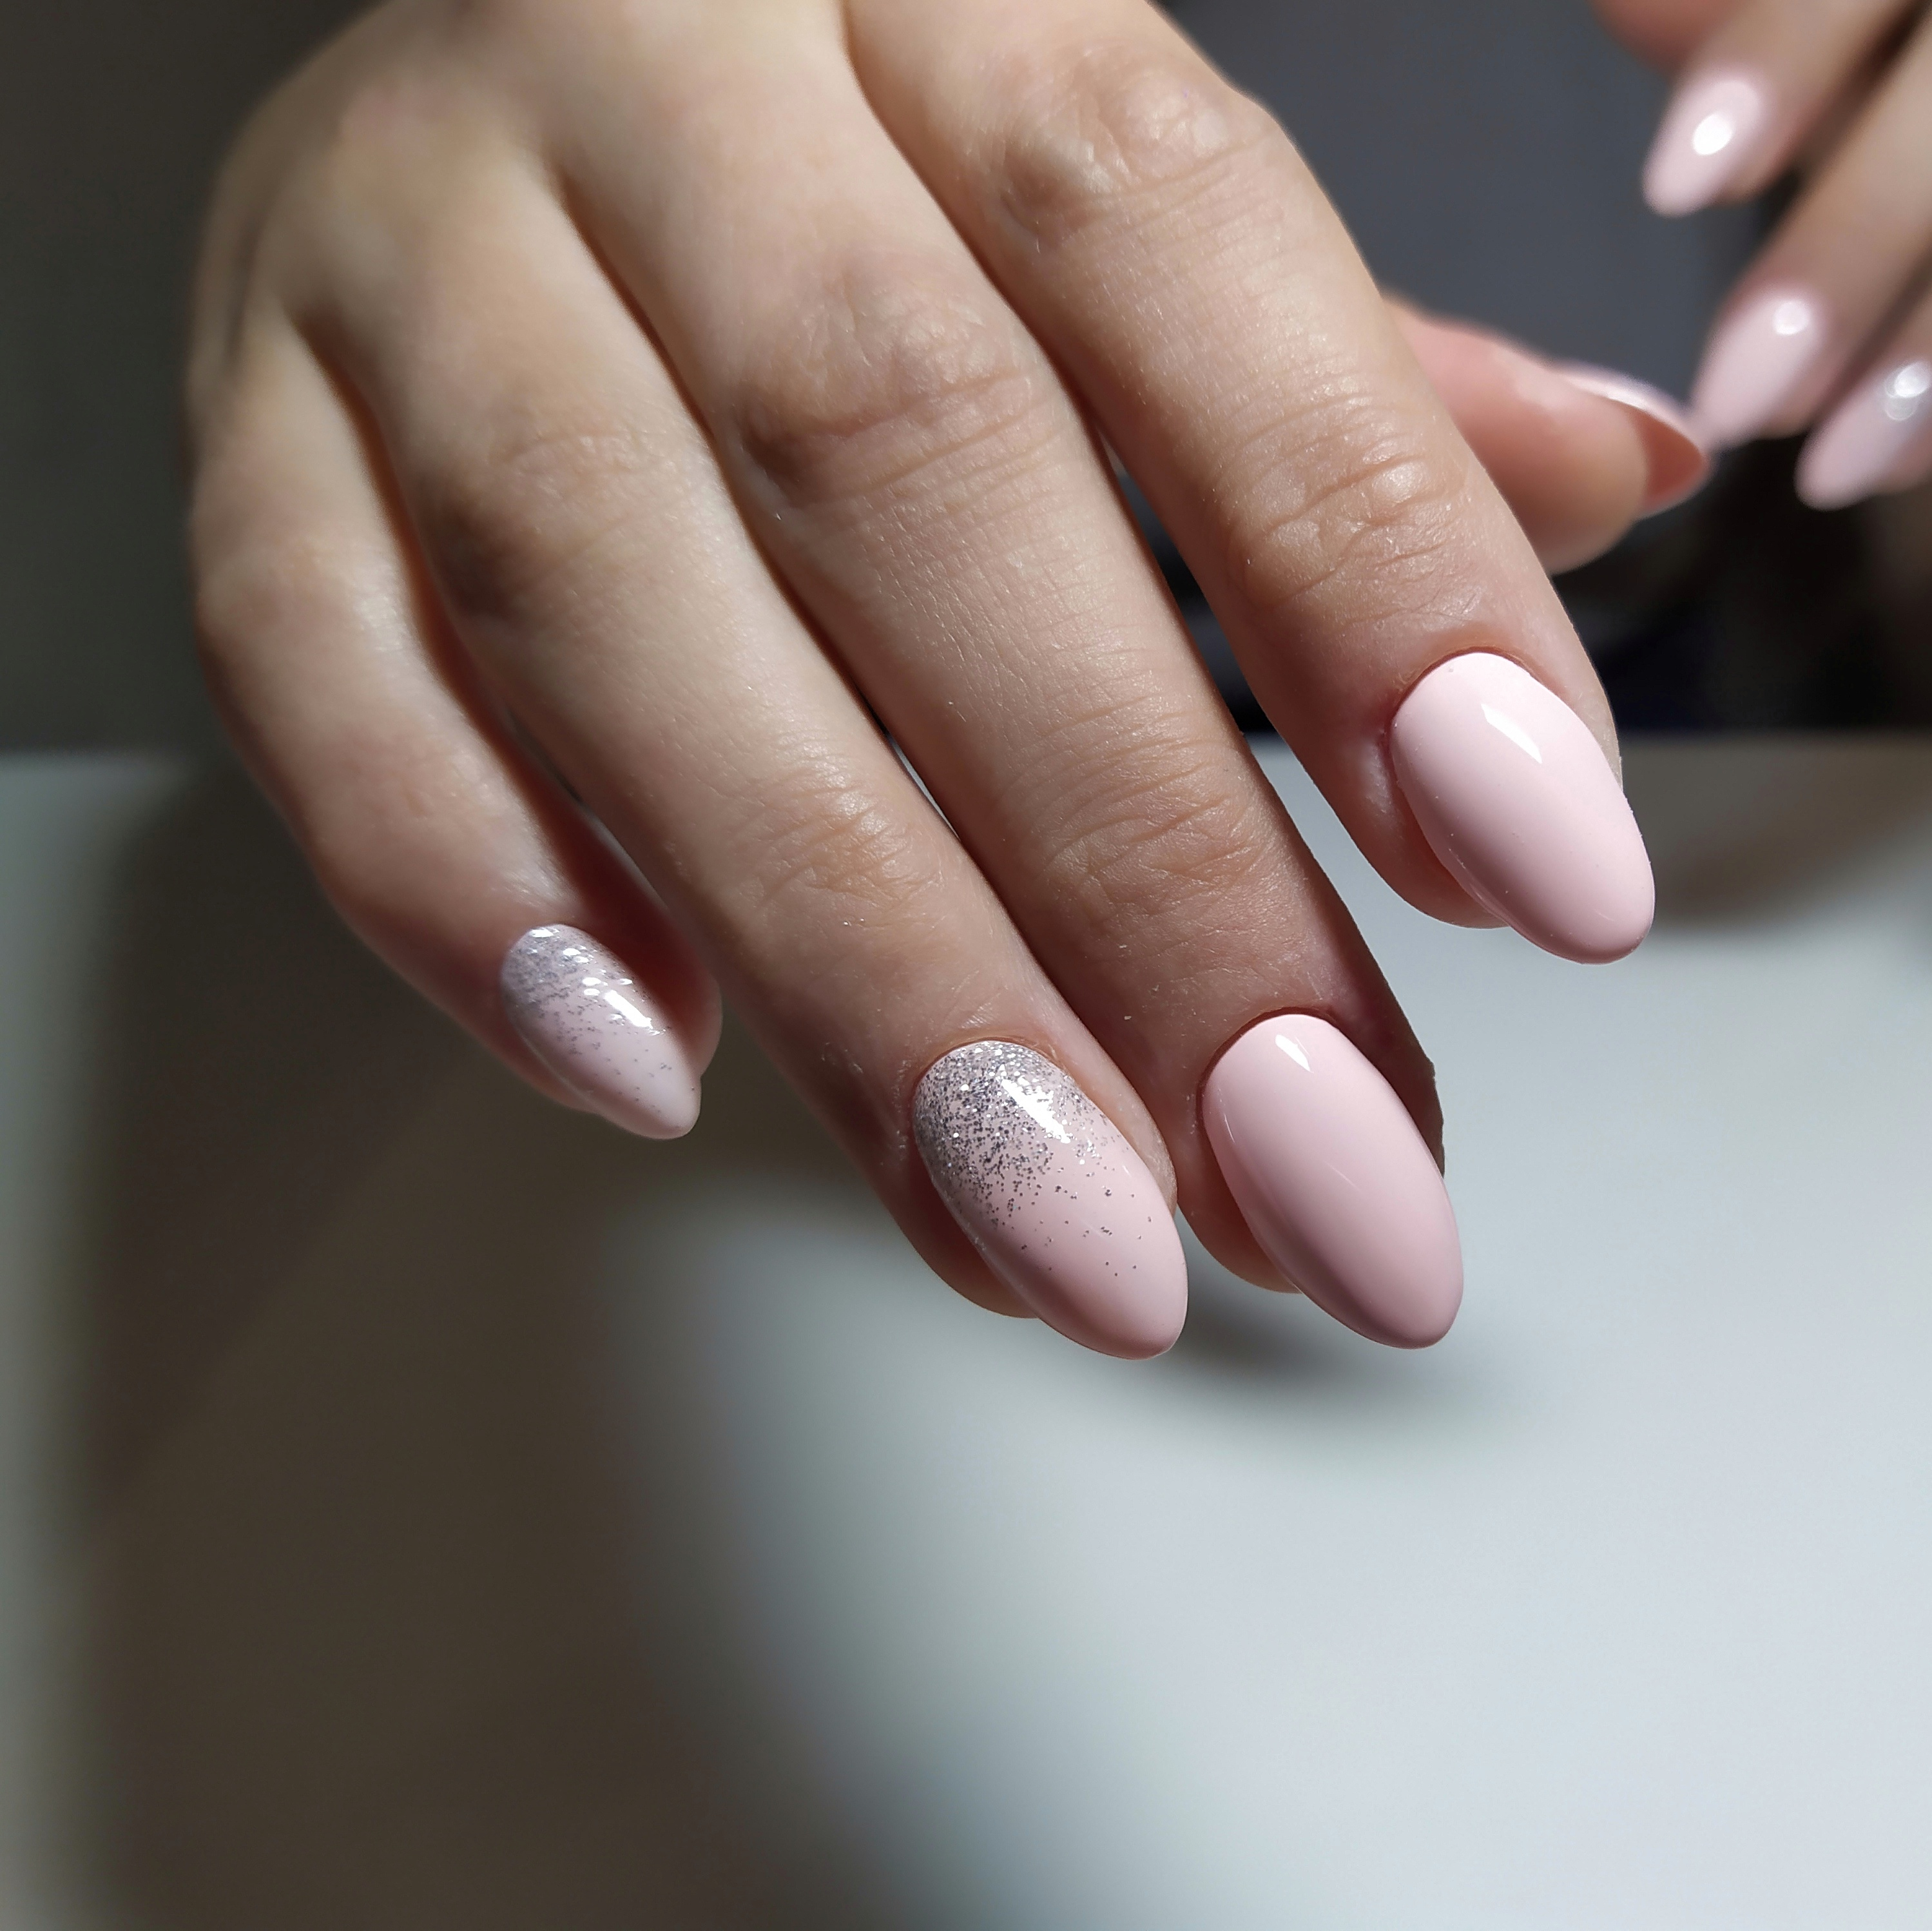 Маникюр в нежно-розовом цвете с серебряными блёстками.